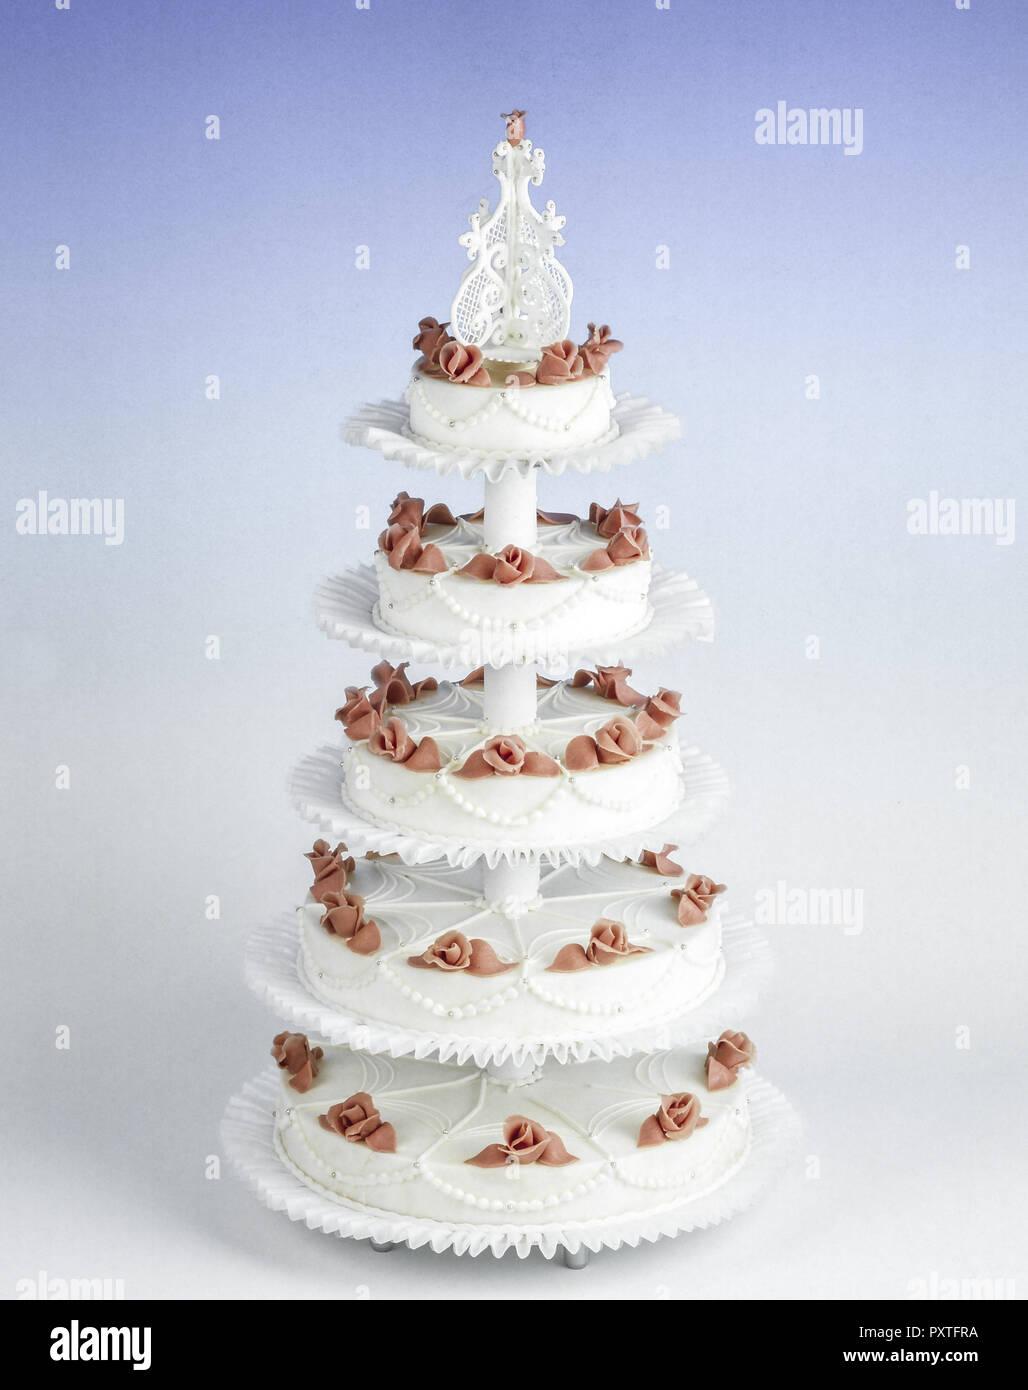 Funfstockige Hochzeitstorte Funf Tiered Hochzeit Kuchen